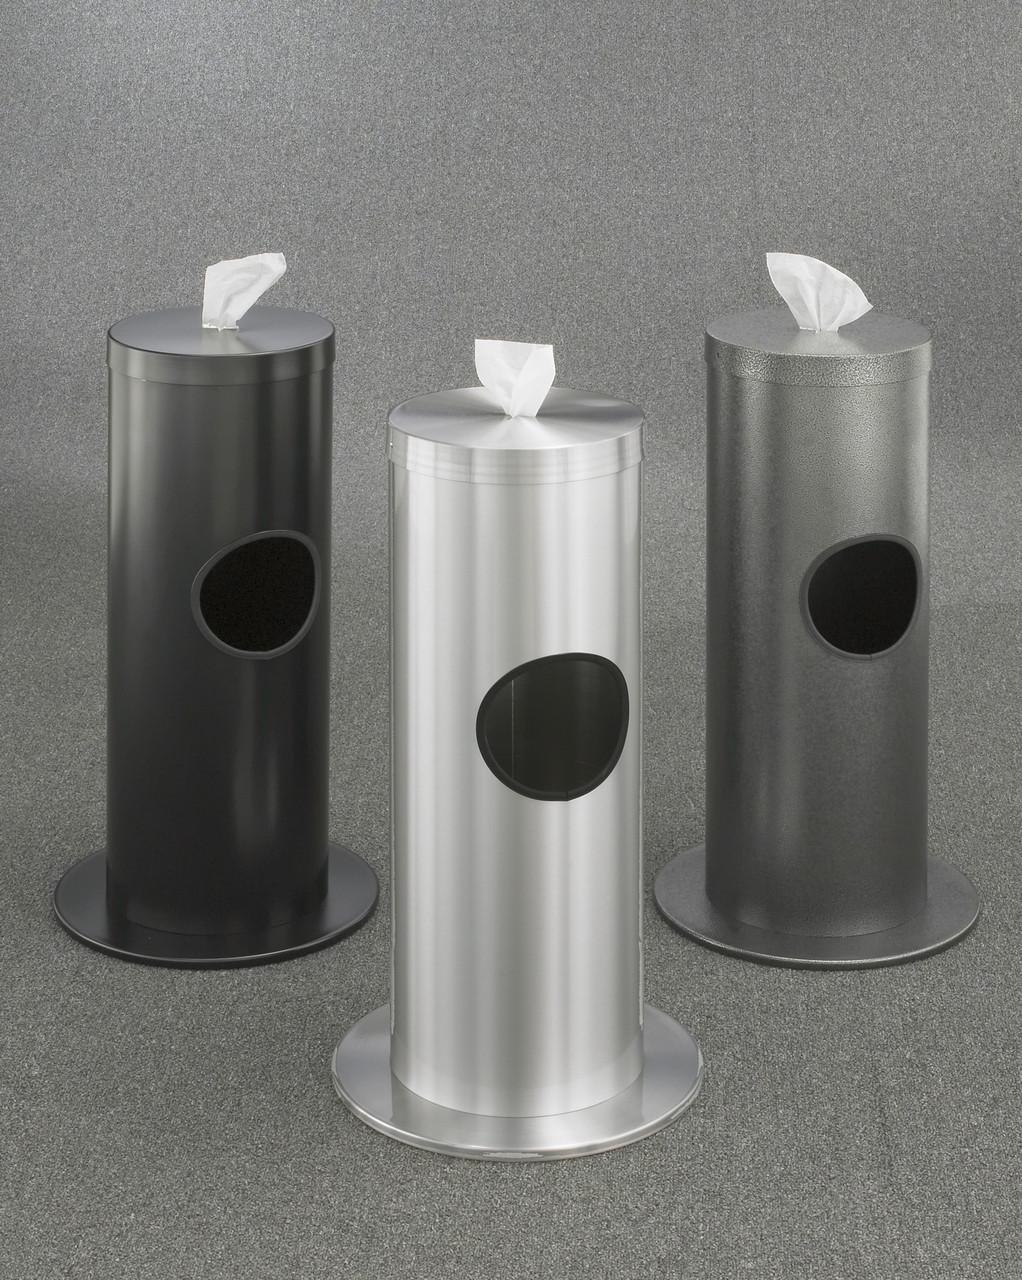 Glaro Floor Standing Sanitizing Wipe Dispenser 29 Designer Colors (Satin Black, Satin Aluminum, Silver Vein Shown)